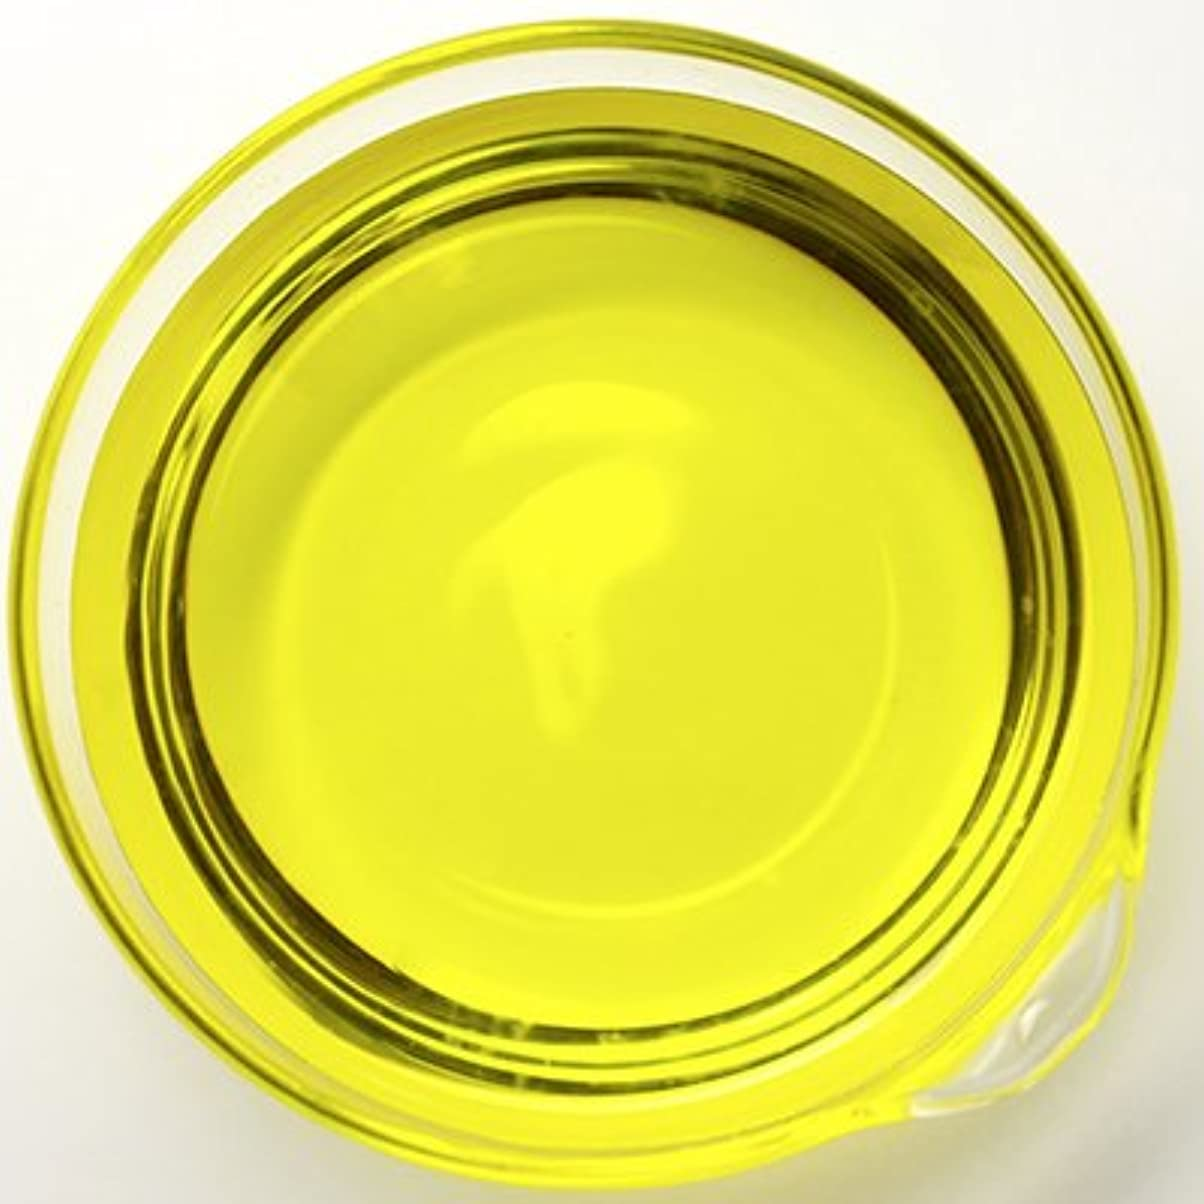 雑多なデンマーク王室オーガニック ボリジオイル [ボラージオイル] 500ml 【ルリヂシャ油/手作りコスメ/美容オイル/キャリアオイル/マッサージオイル】